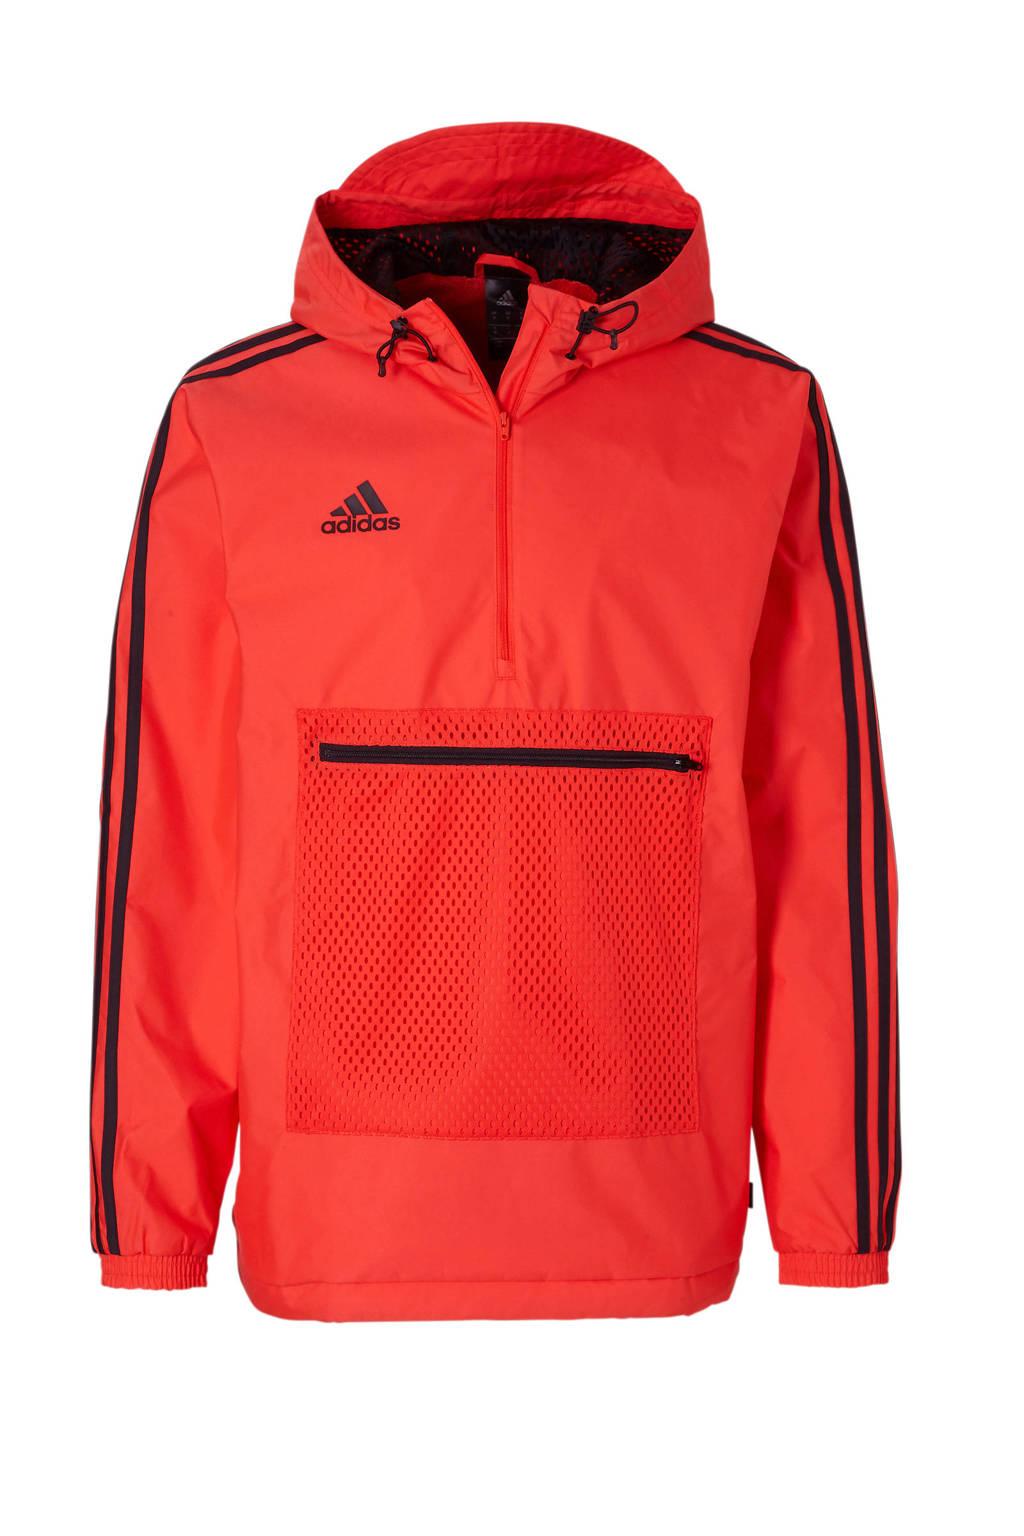 adidas performance   sportjack oranje, Oranje